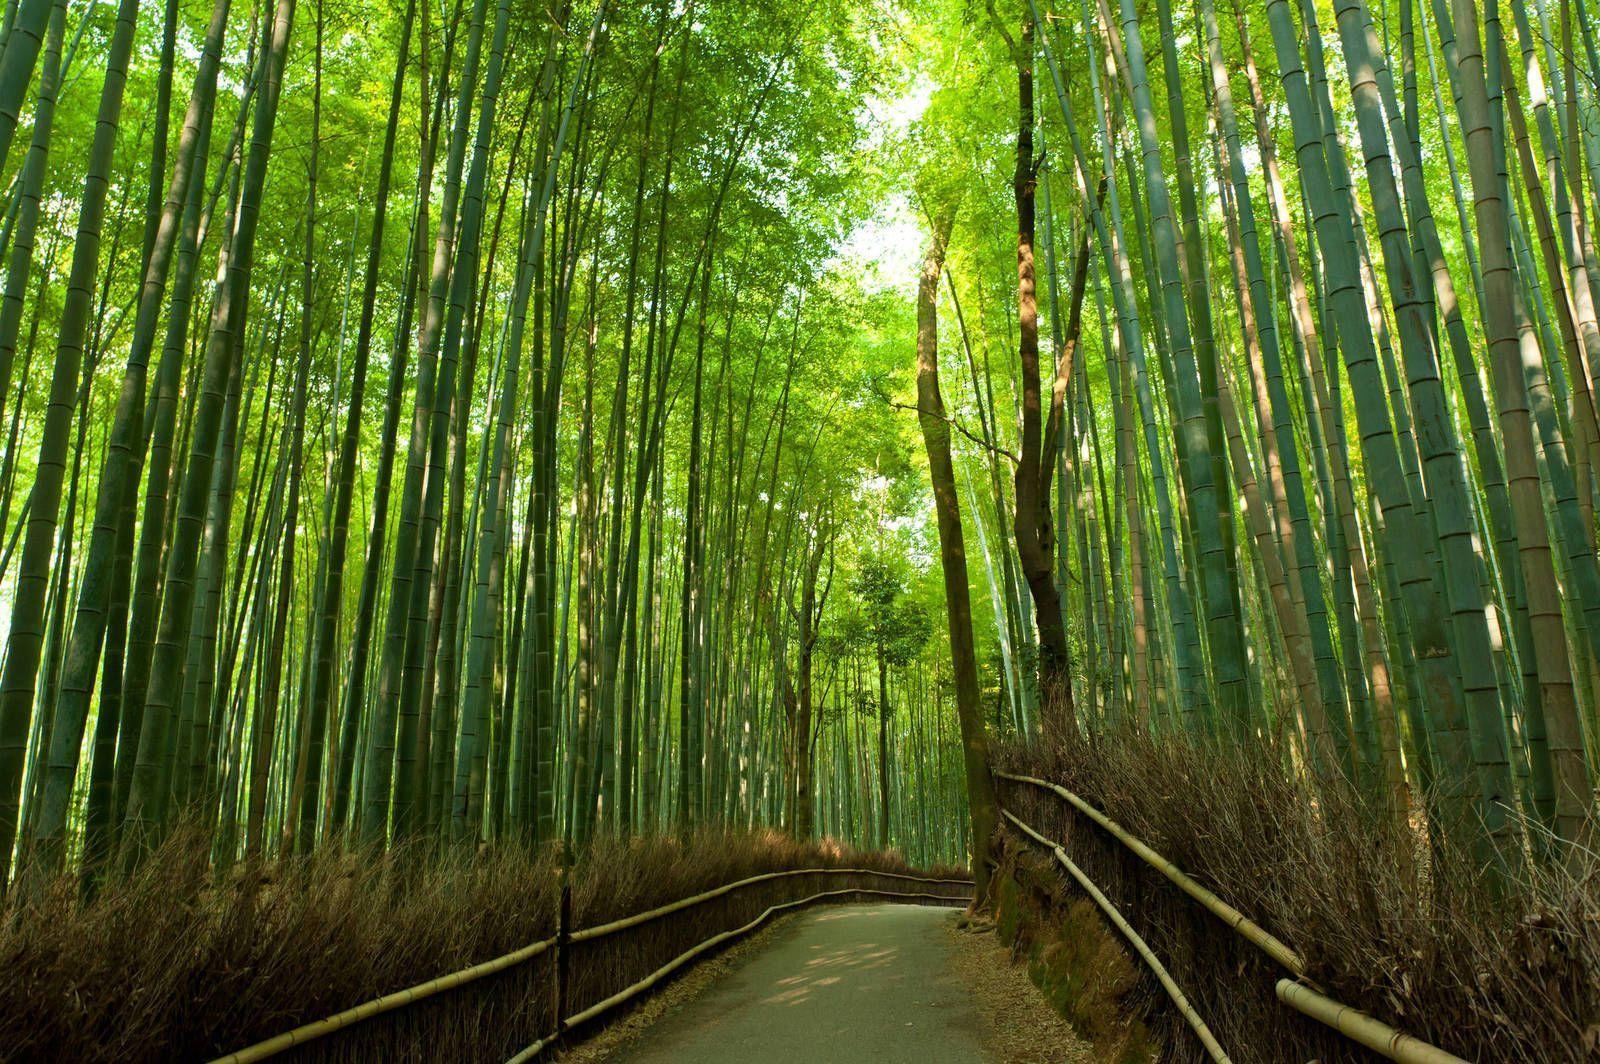 Фотообои на стену: бамбук и его ...: https://art-oboi.com.ua/fotooboi-bambuk.html